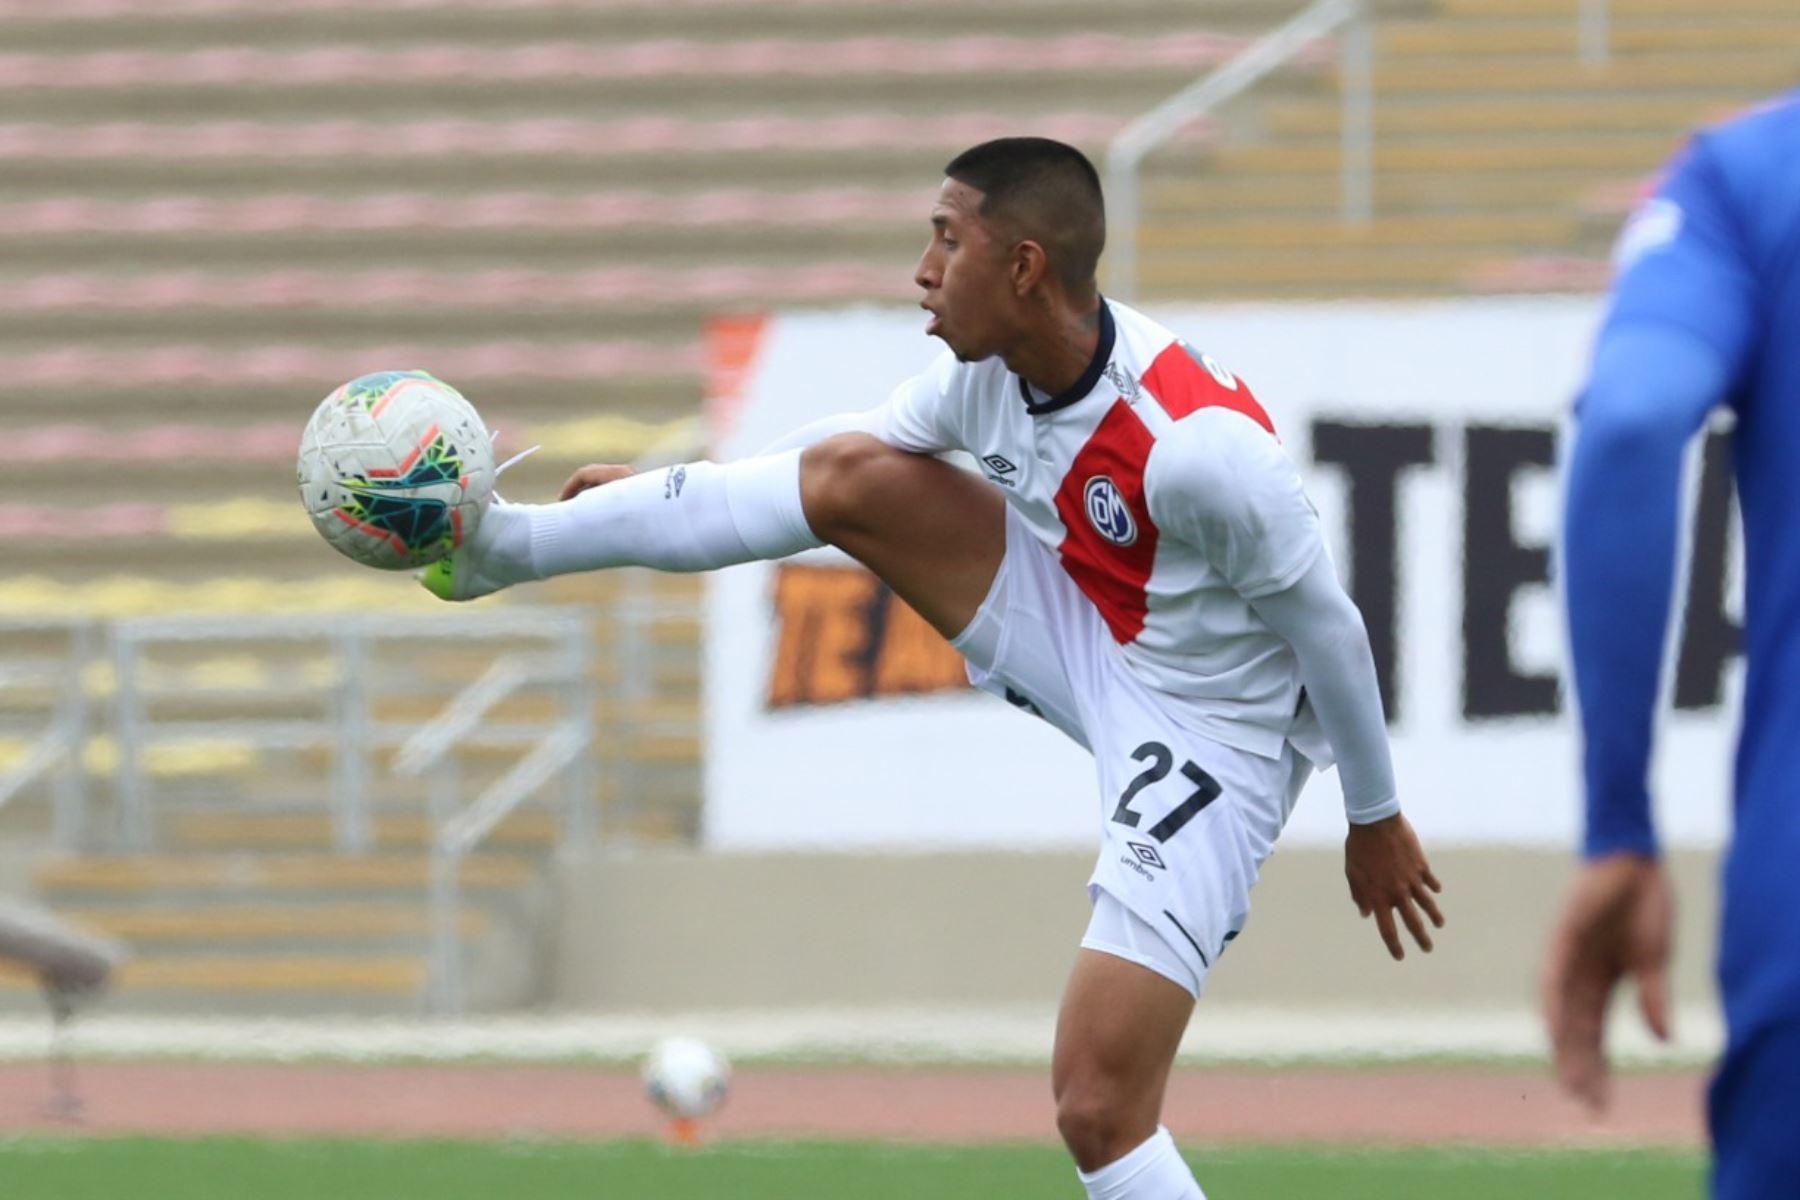 El futbolista R. Vilca del Deportivo Municipal detiene el balón durante partido contra Mannucci por la jornada 12 de la Liga 1, en el estadio de San Marcos. Foto: @LigaFutProf